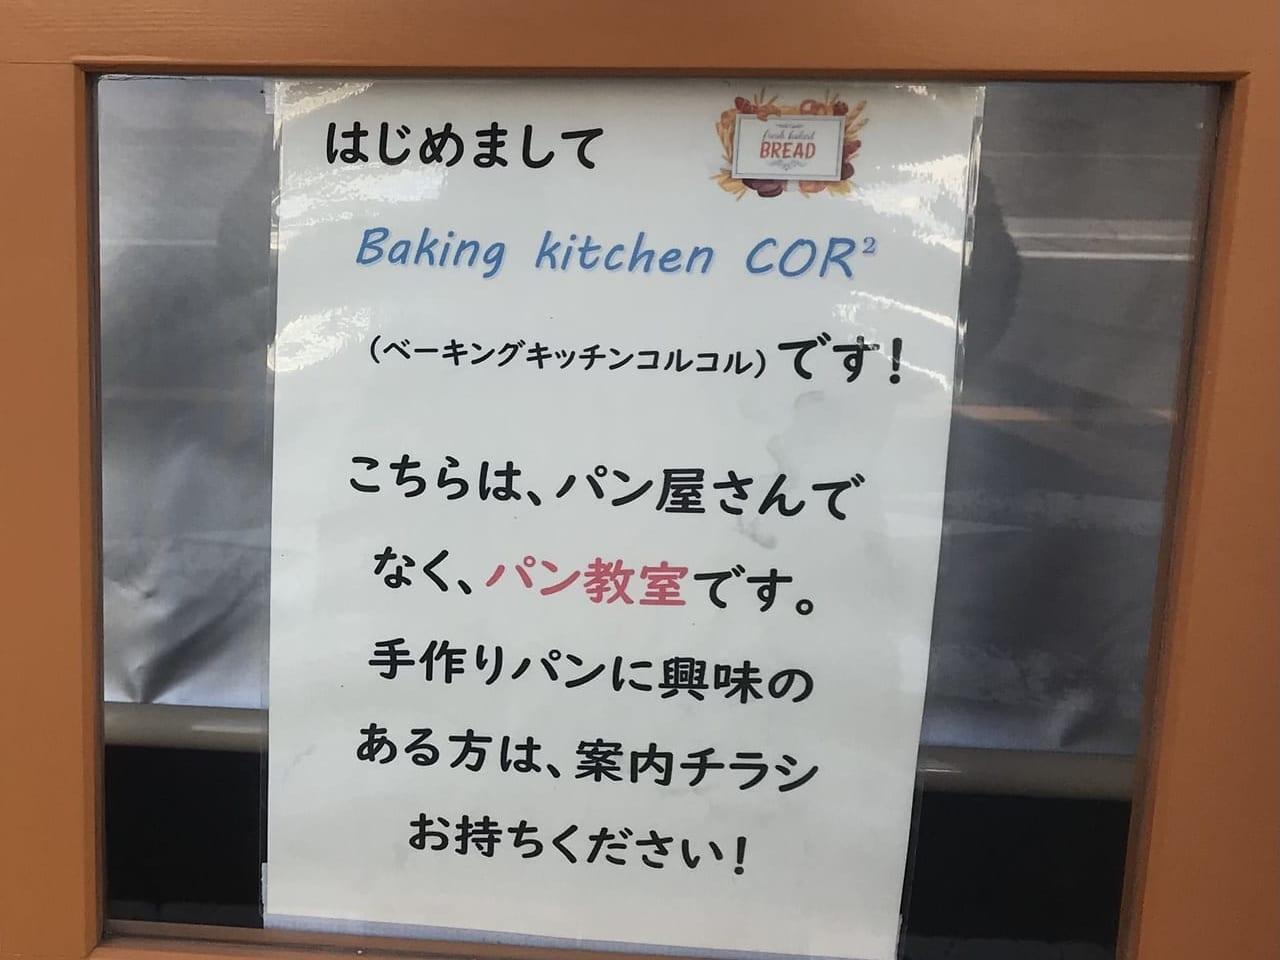 鶴瀬にオープンしたパン教室